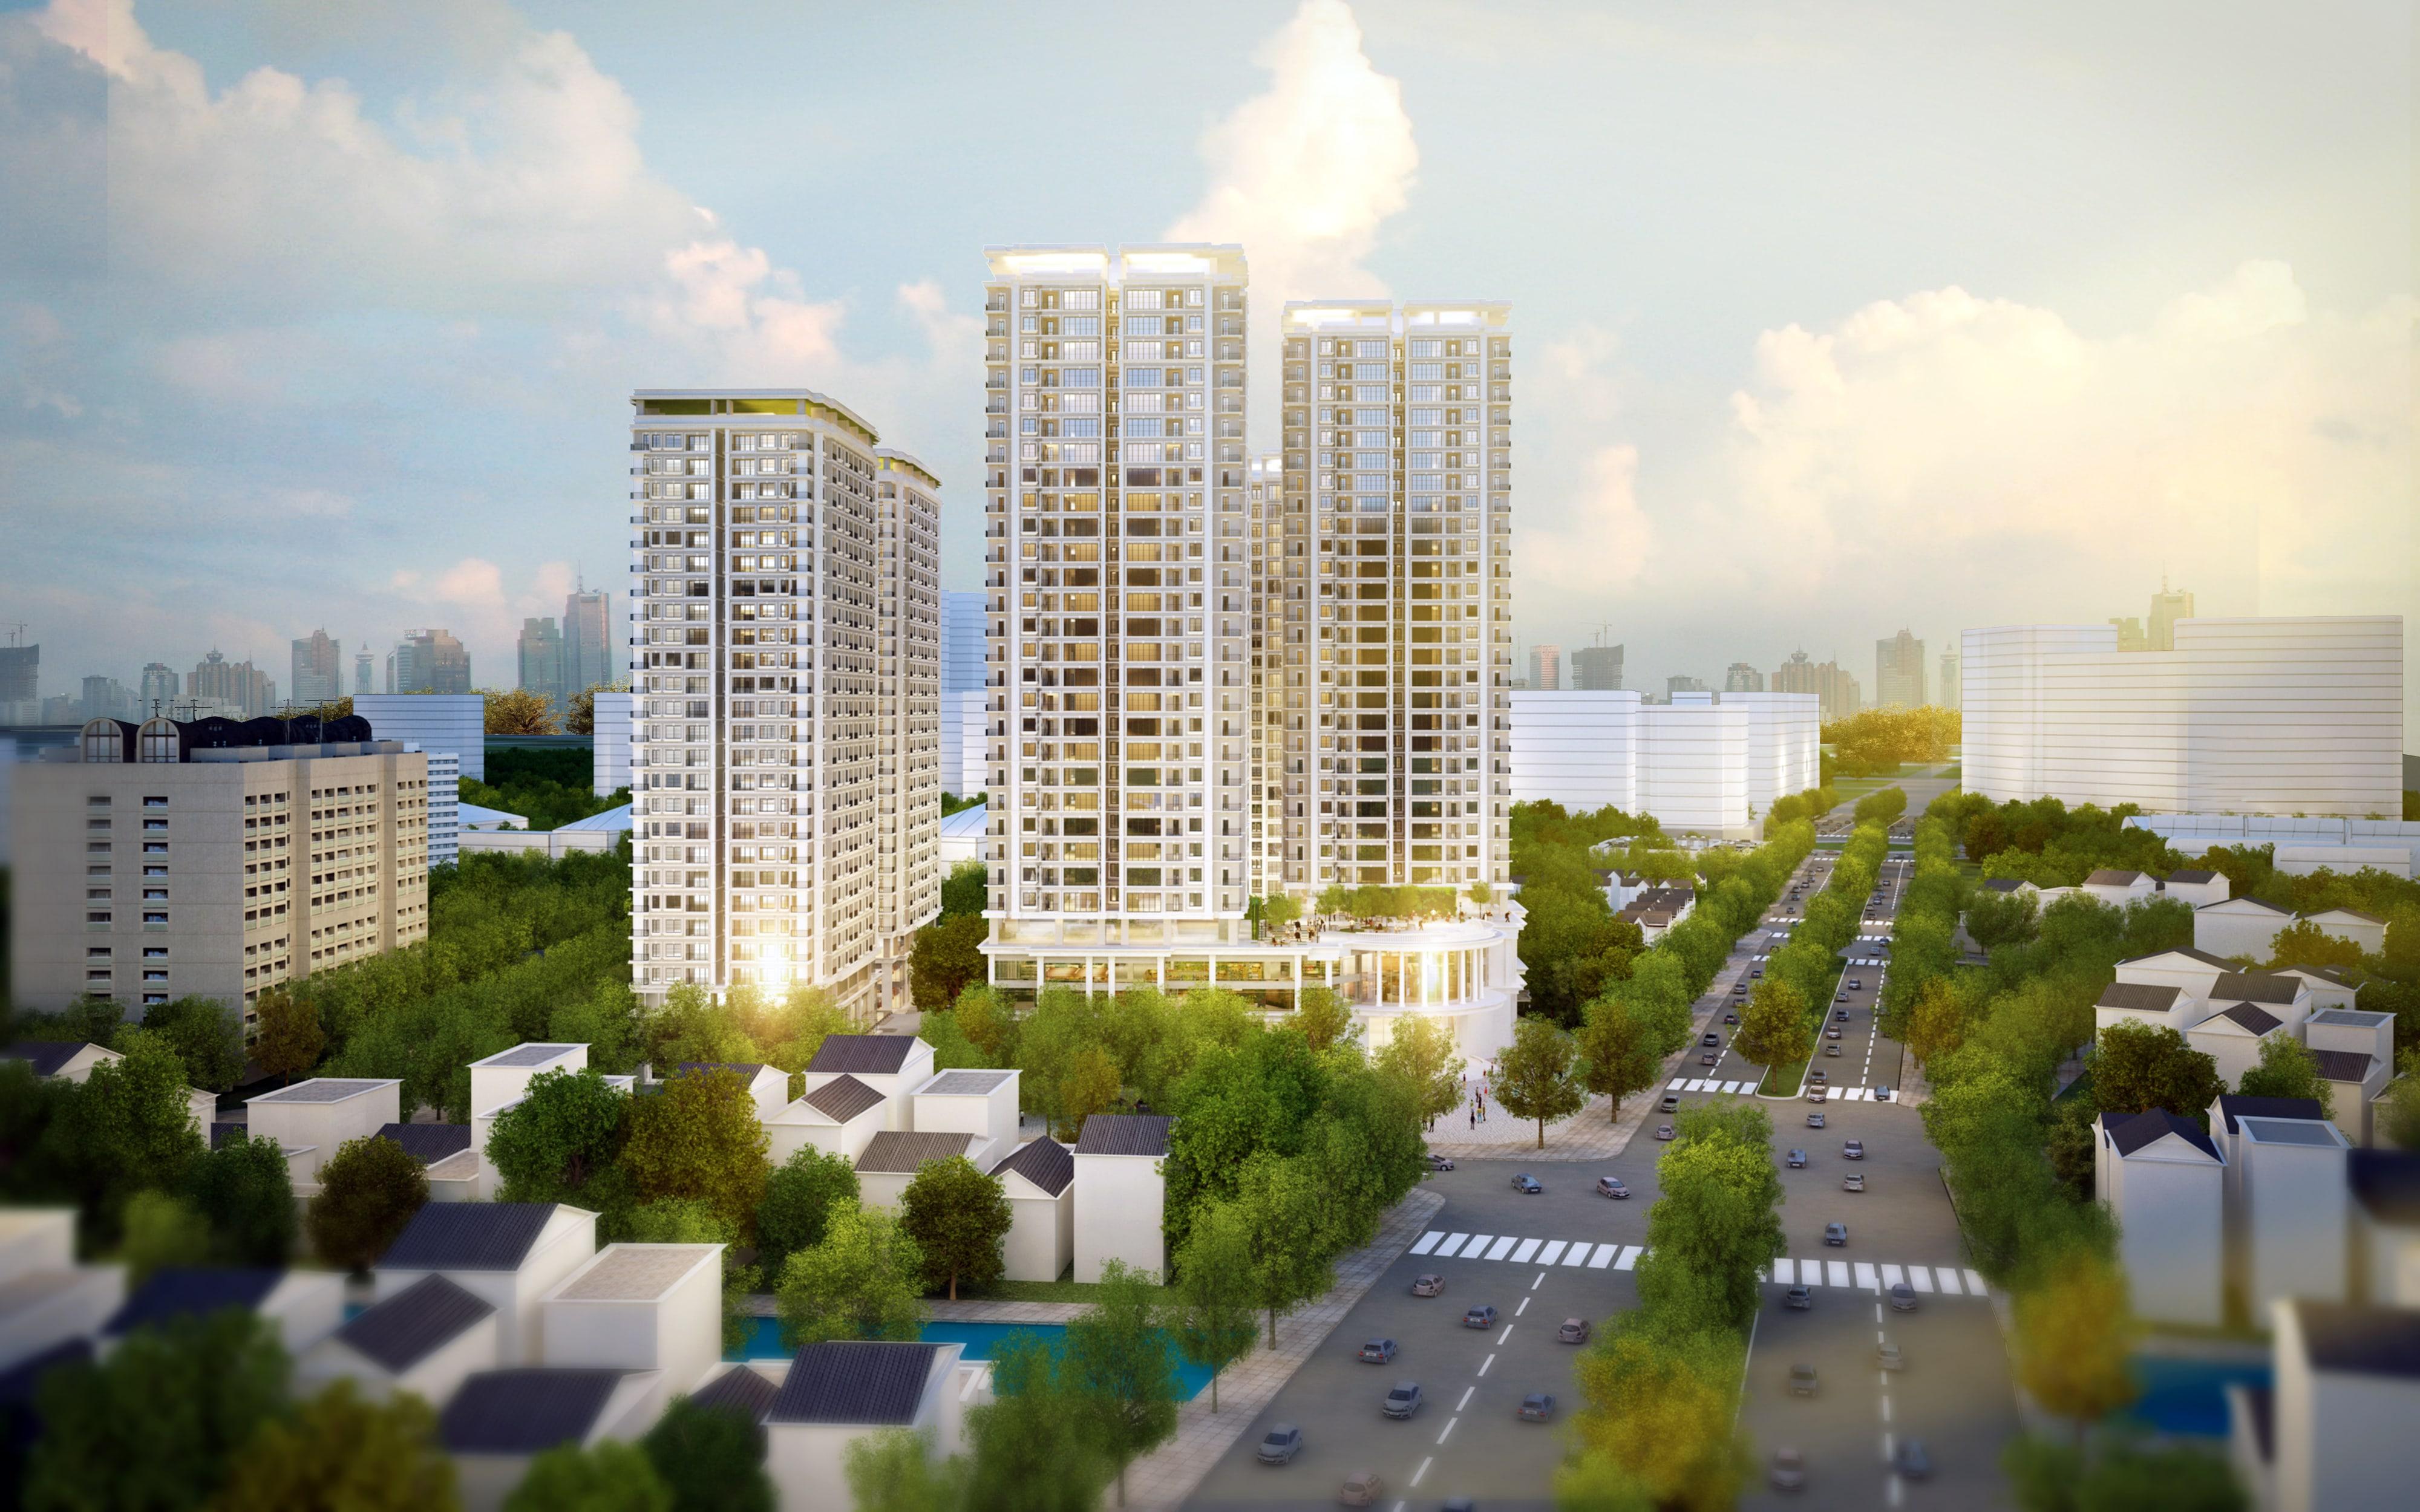 Giấy chứng nhận cho người mua nhà tại Hà Nội